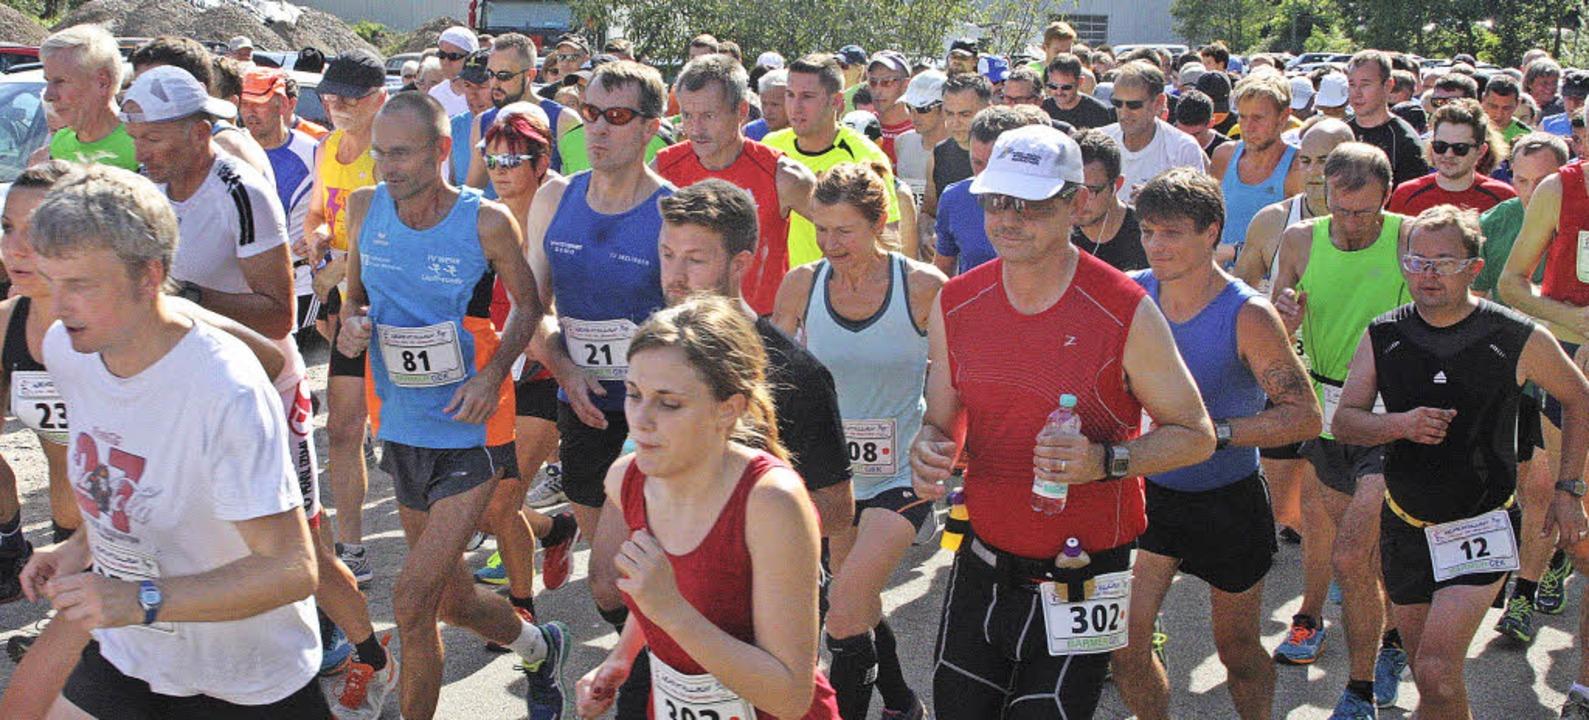 315 Läuferinnen und Läufer wagten sich...auf die 10,2 Kilometer lange Strecke.   | Foto: Jörn Kerckhoff